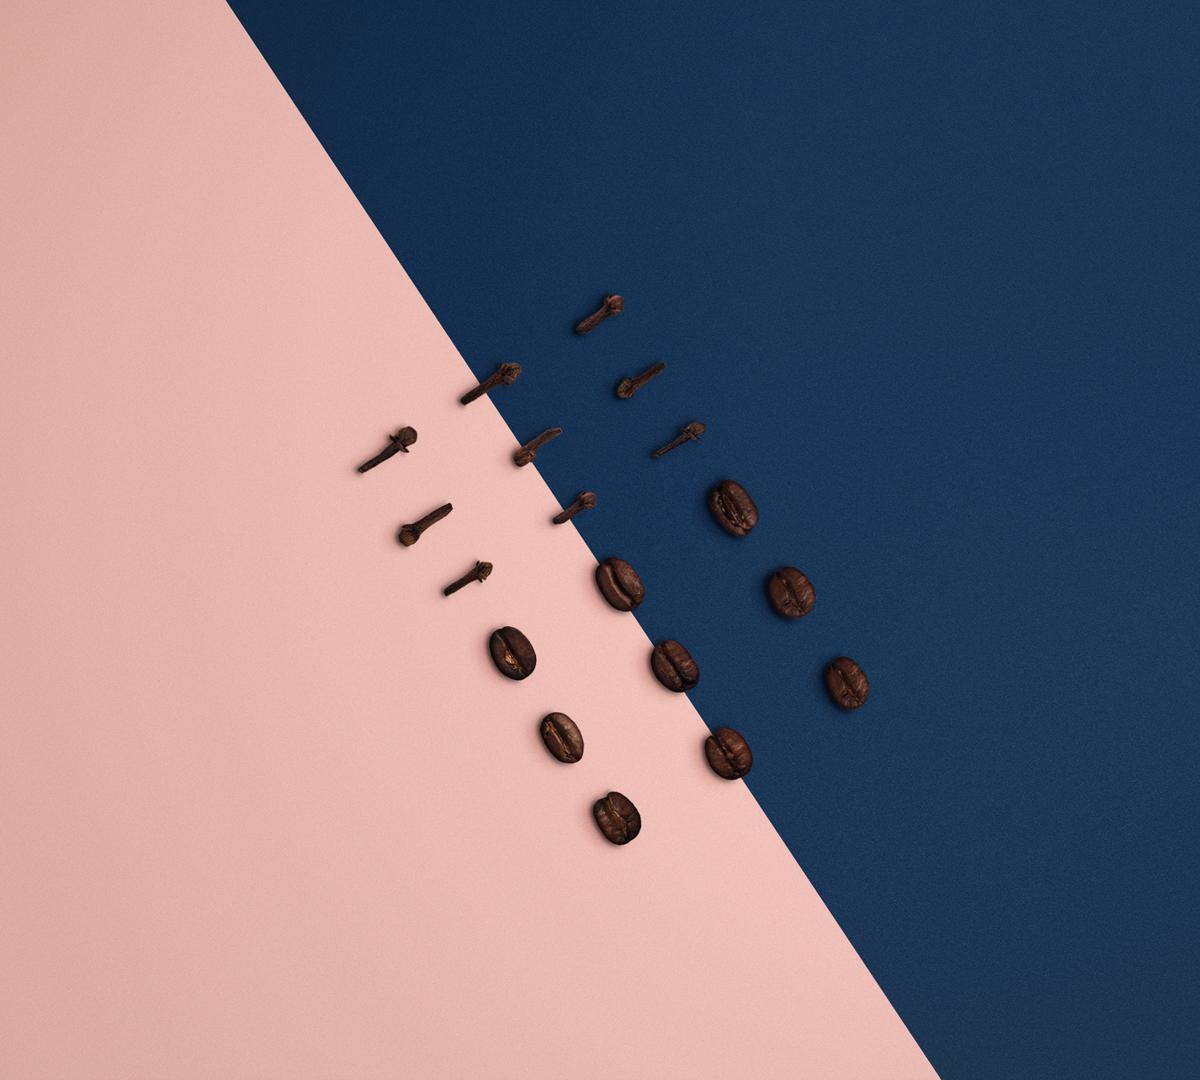 crop-PINK-BLUE-02.jpg